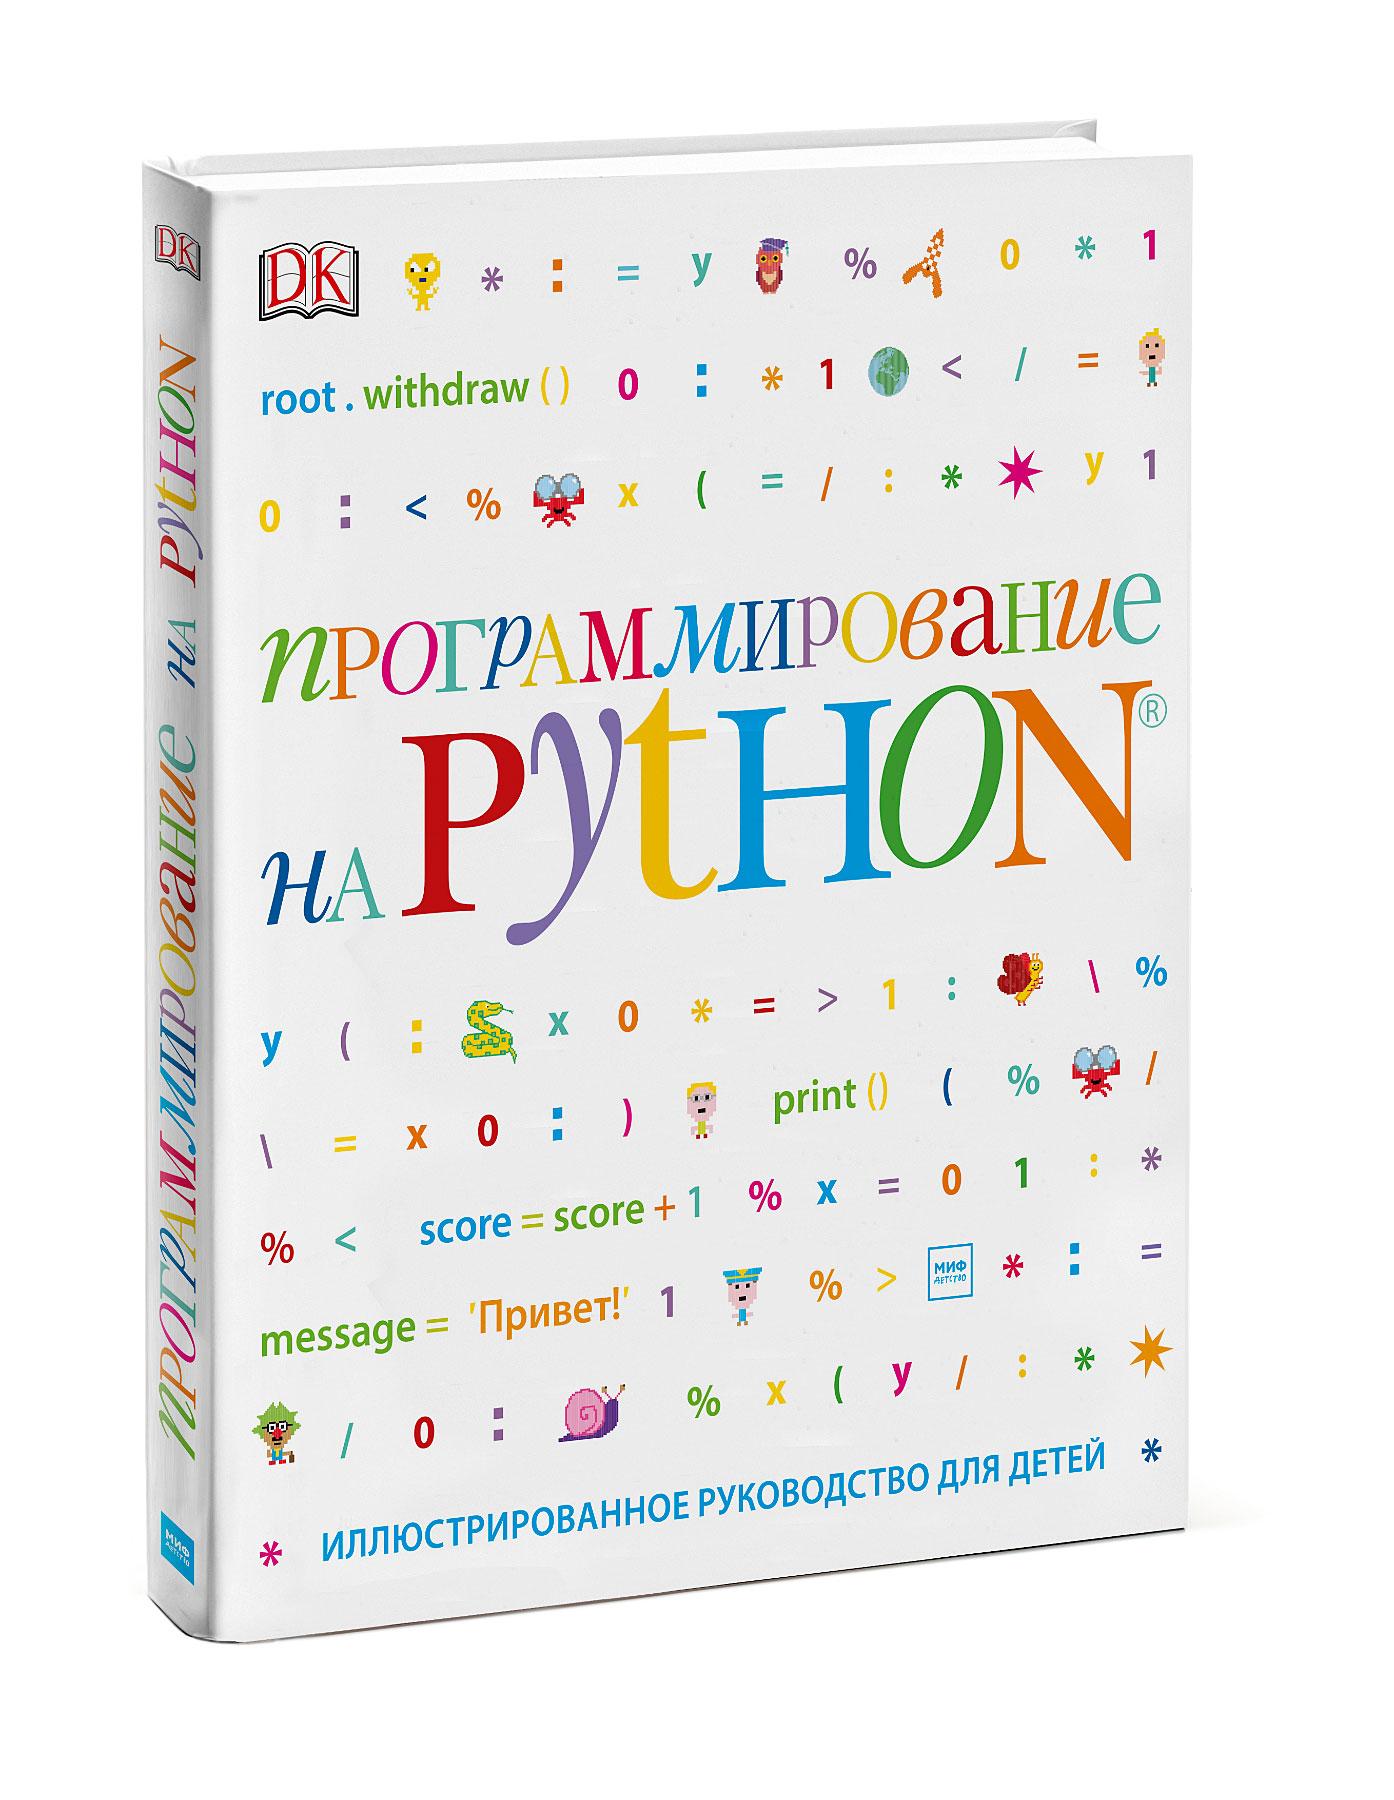 Кэрол Вордерман Программирование на Python. Иллюстрированное руководство для детей вордерман к вудкок дж макаманус ш и др программирование для детей иллюстрированное руководство по языкам scratch и python